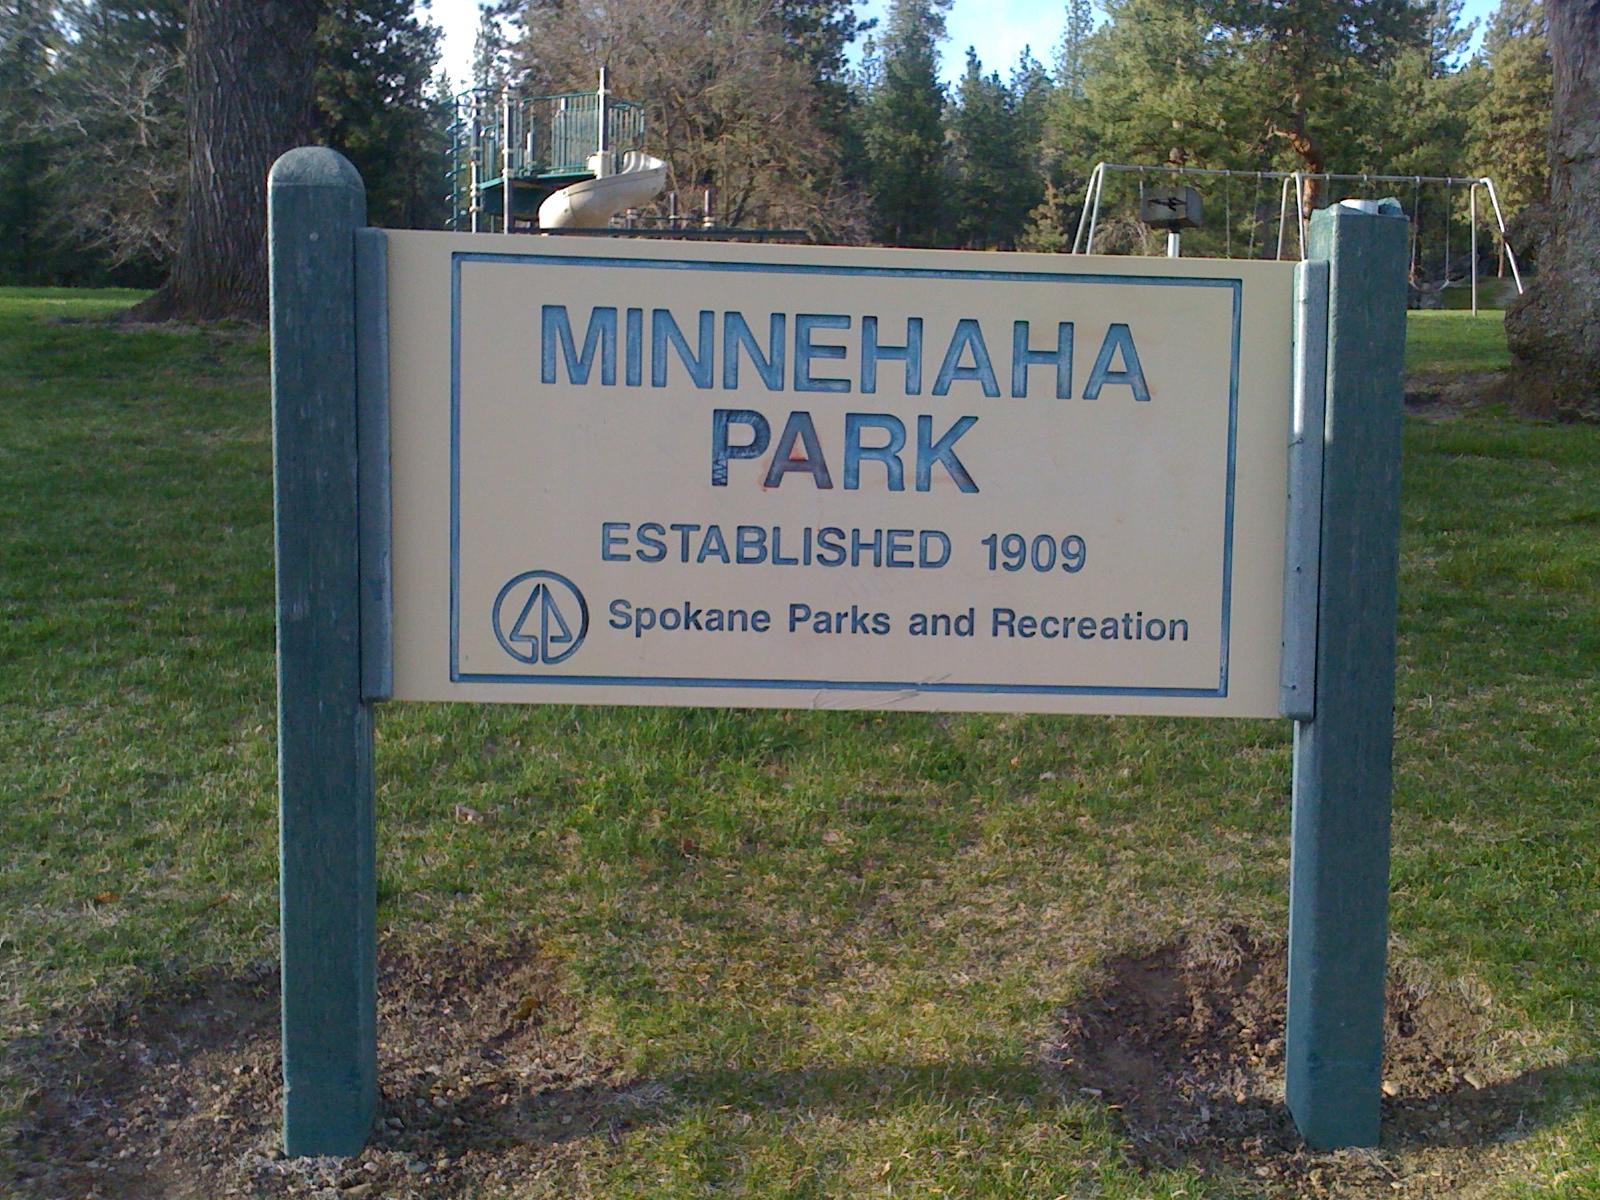 Minnehaha Park minnehaha neighborhood services » photos